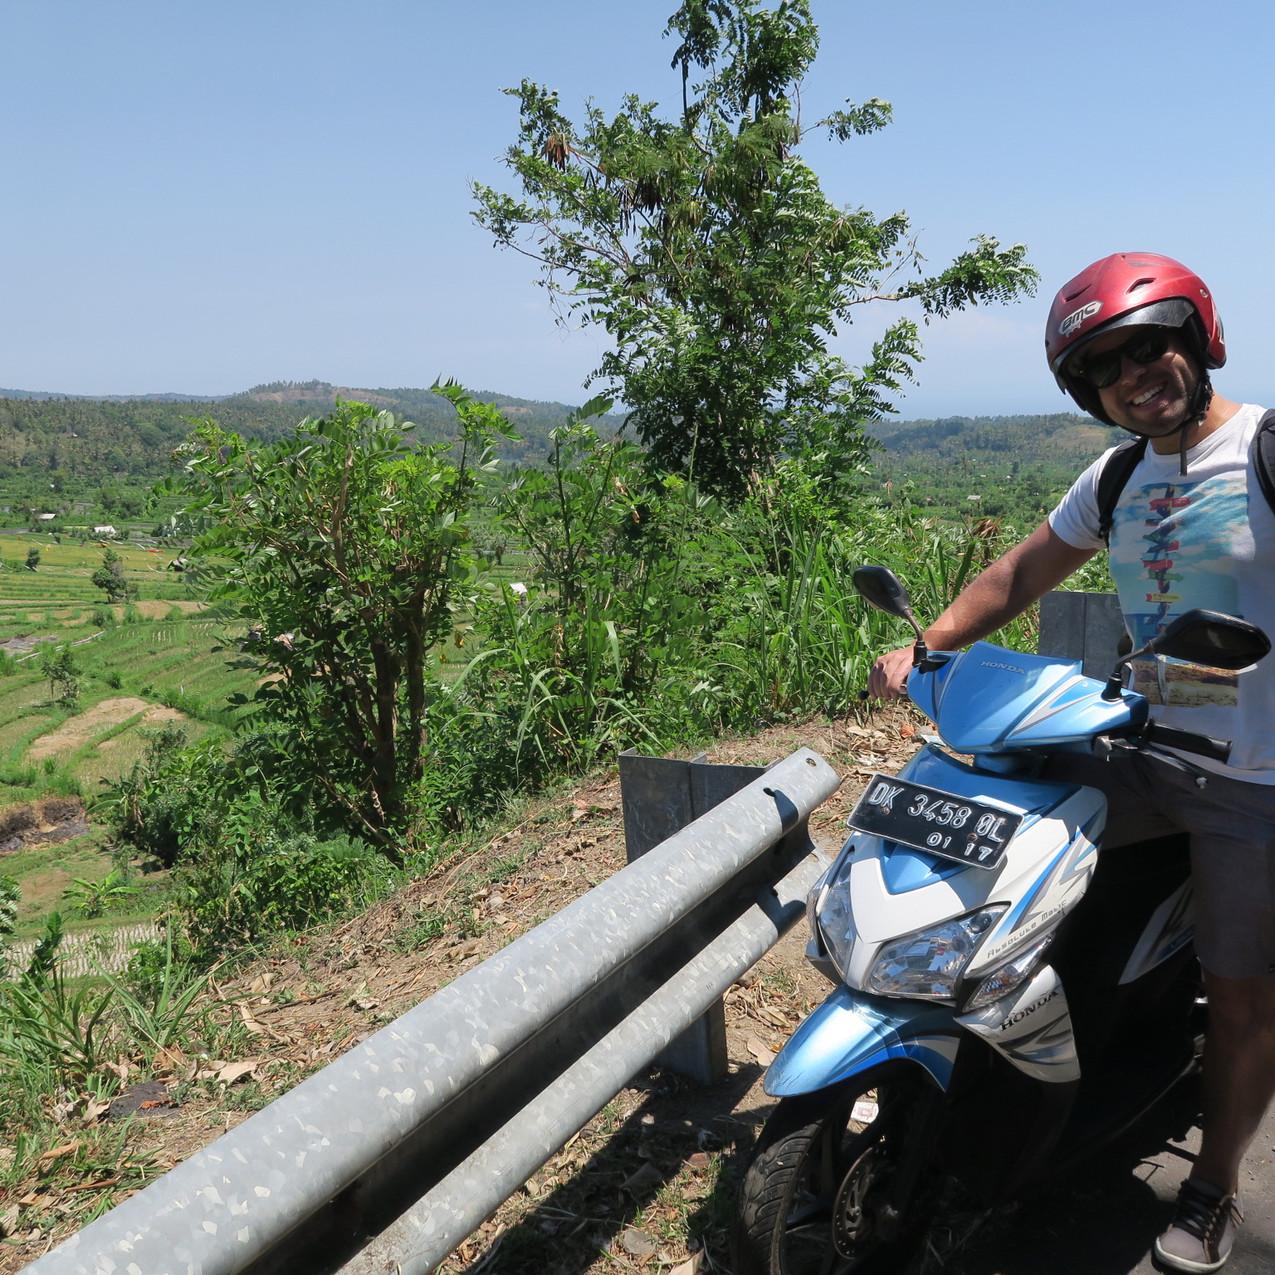 Bali riding